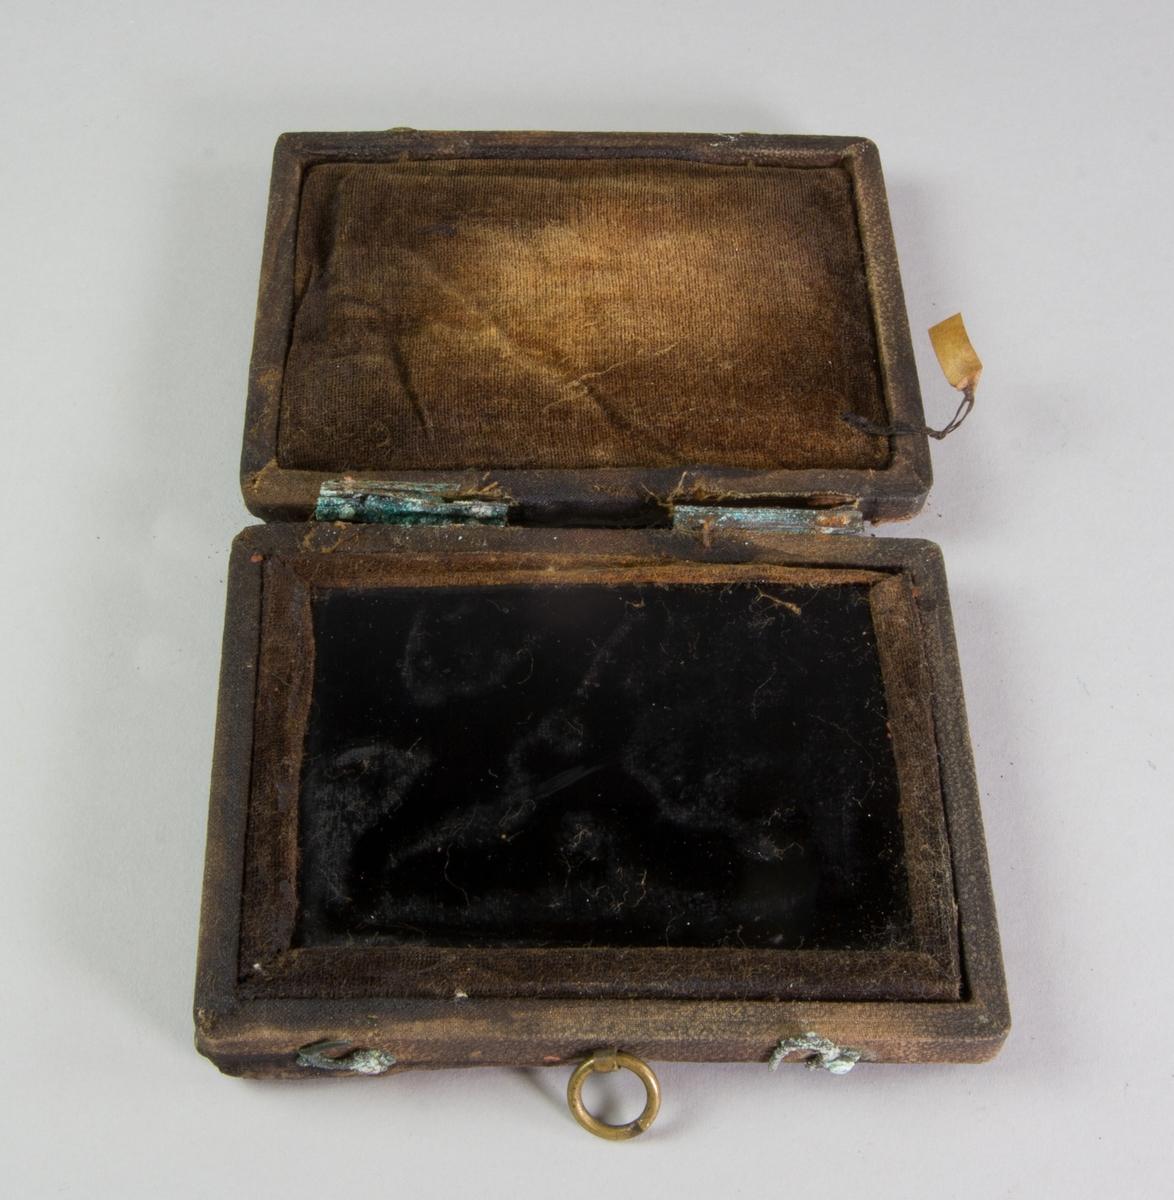 Svartspegel, enligt tidigare katalogisering. Troligen en dagerrotypi där motivet försvunnit. Rektangulärt glas, svart, monterat i fodral av läder klätt med svart präglat skinn. Runt glaset och invändigt i locket brun sammet.